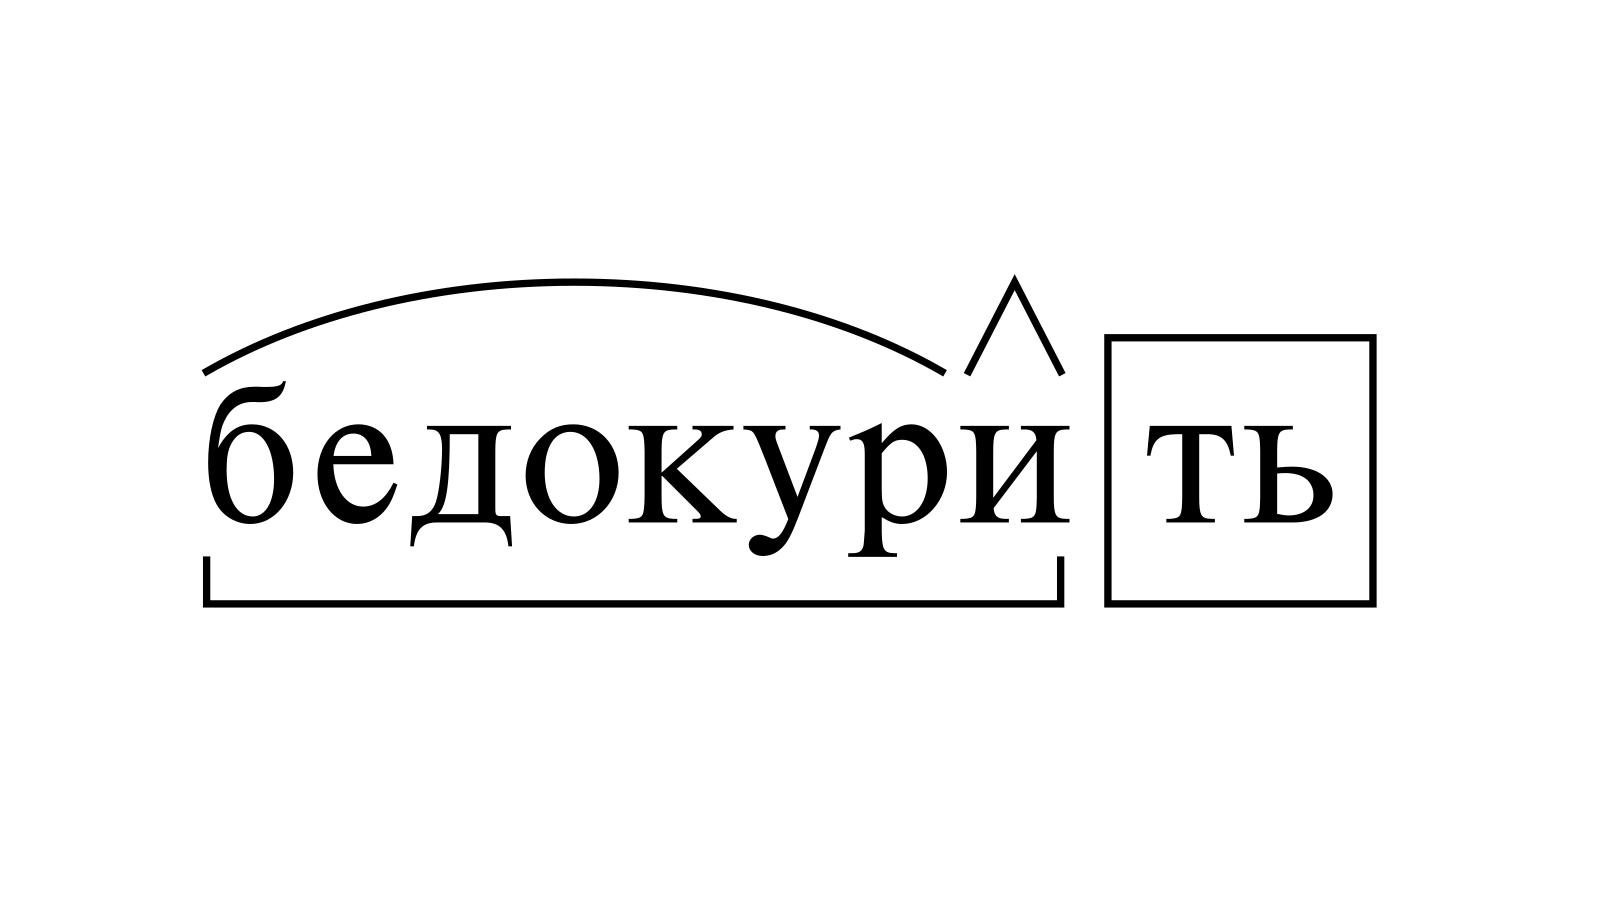 Разбор слова «бедокурить» по составу